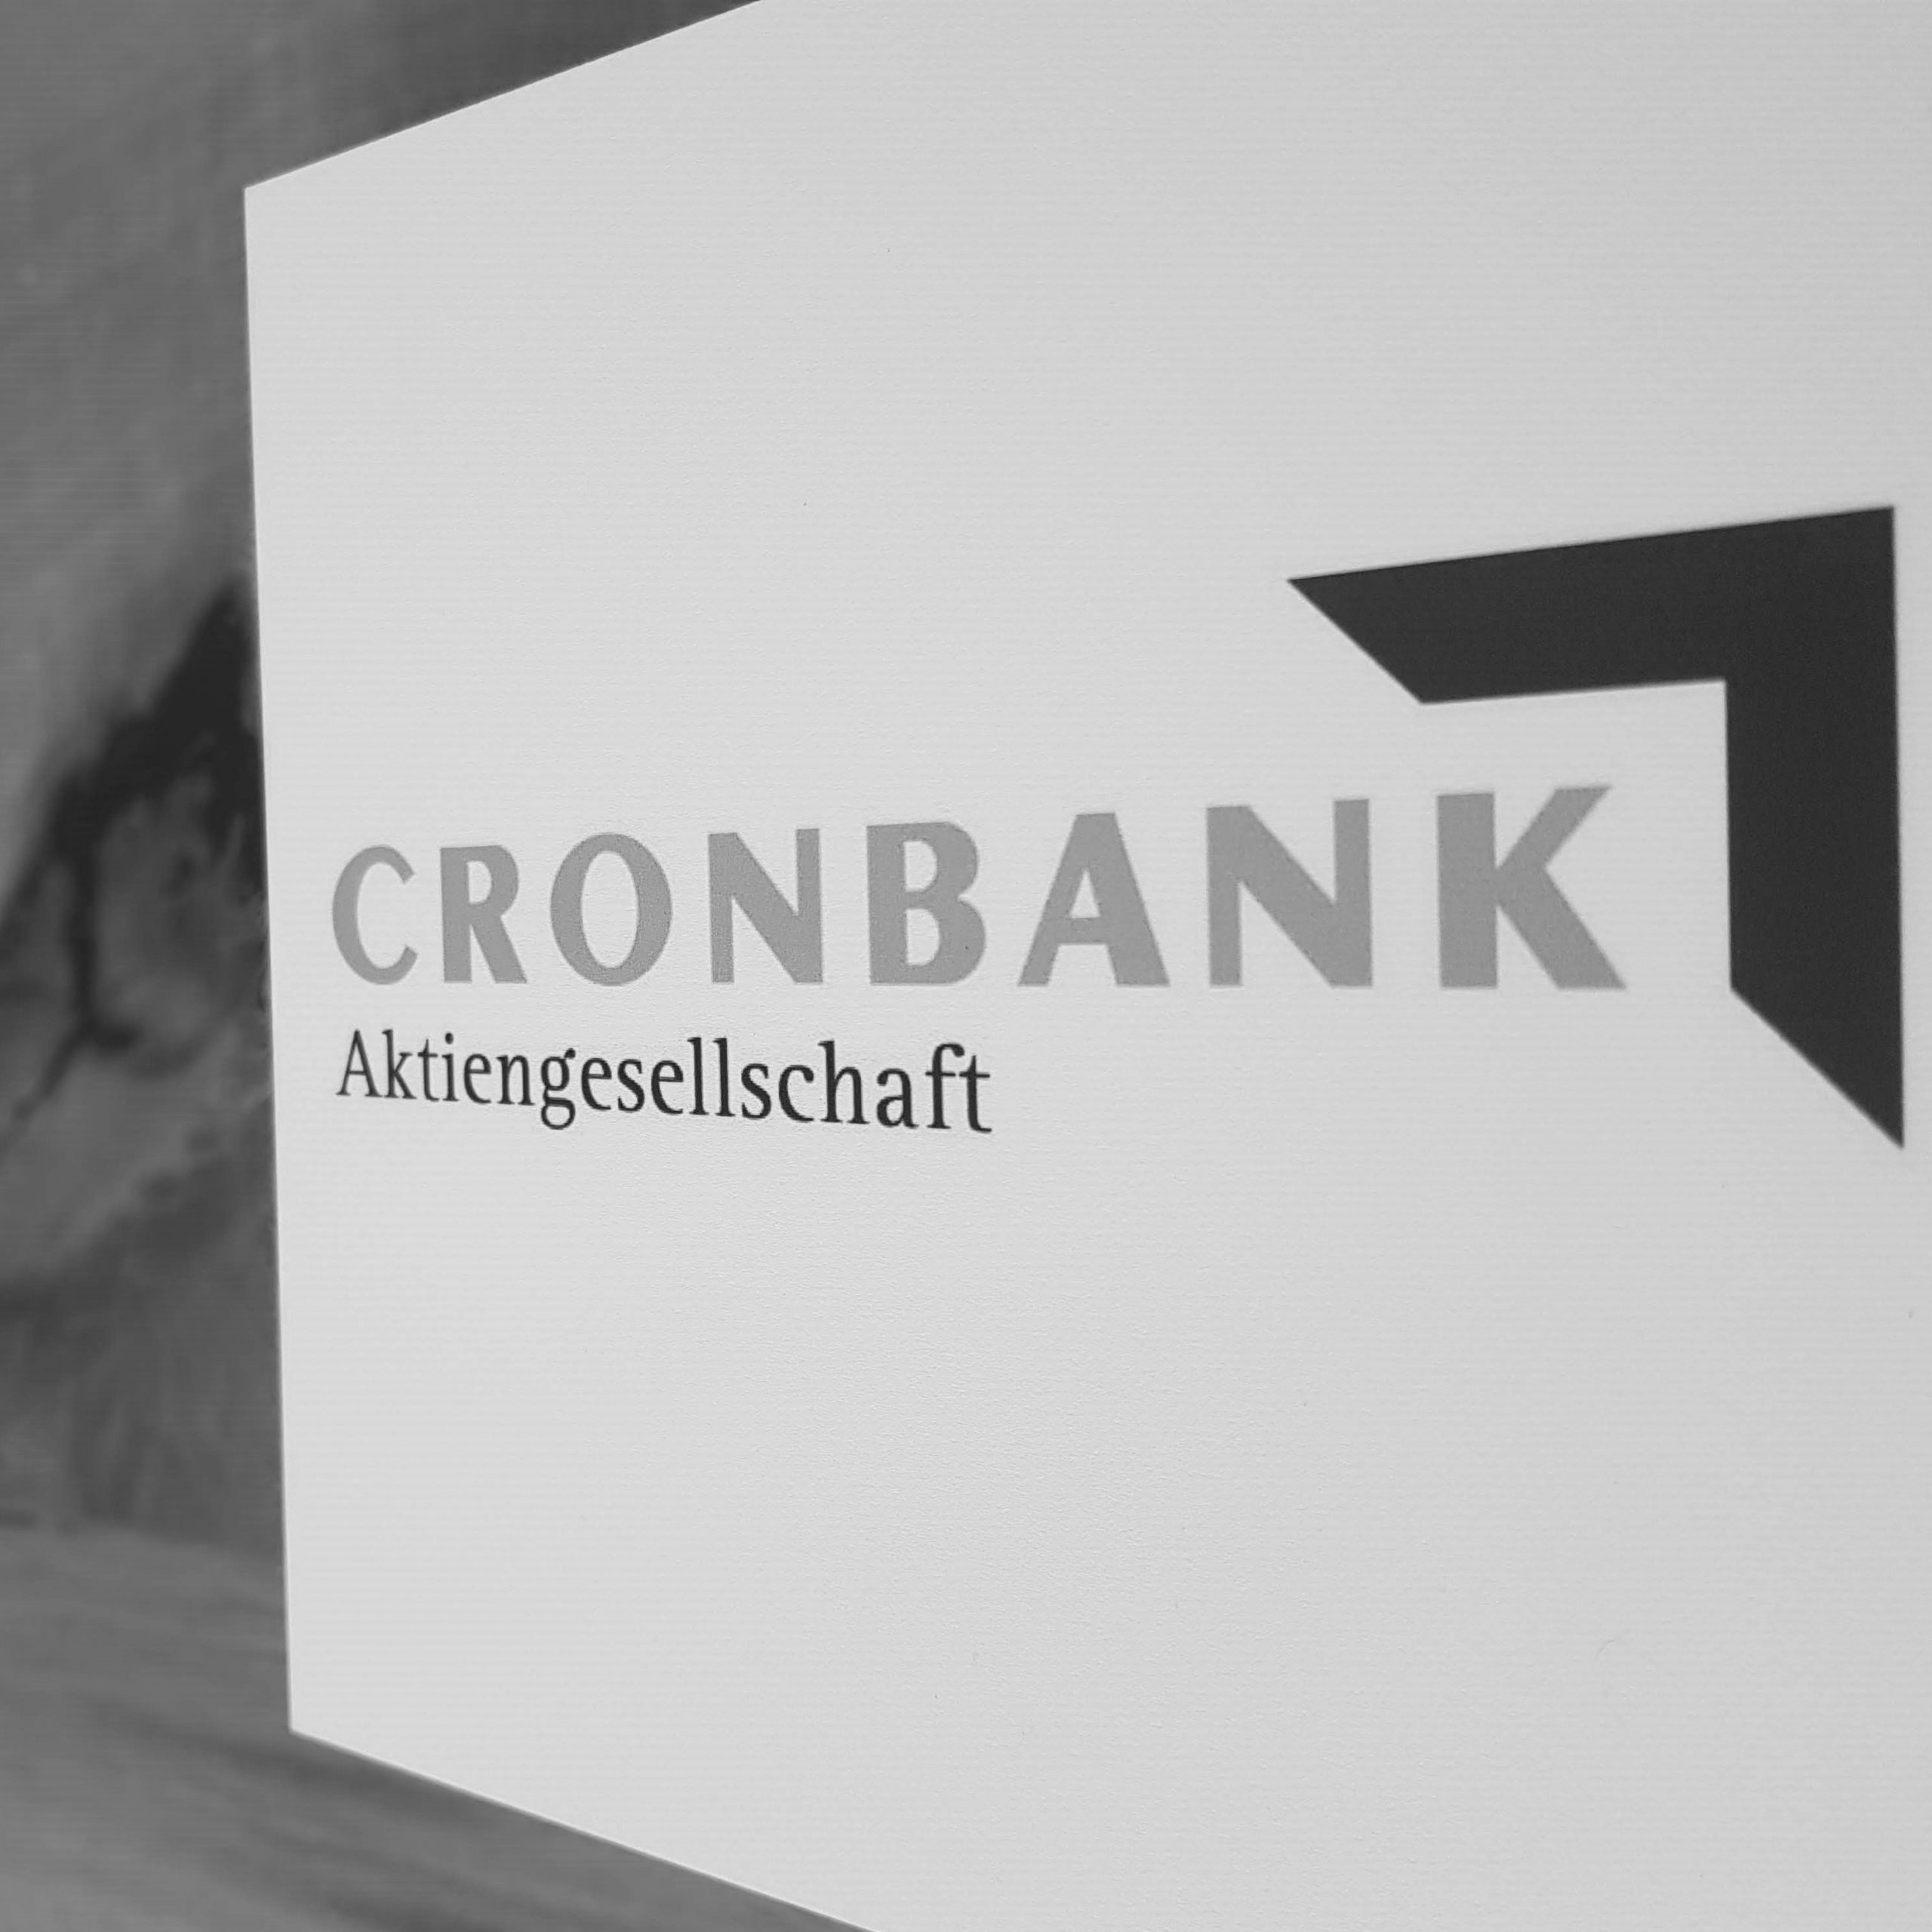 Abfotografiertes Logo CRONBANK Aktiengesellschaft Deutsche Kreditbank AG schwarzweiß